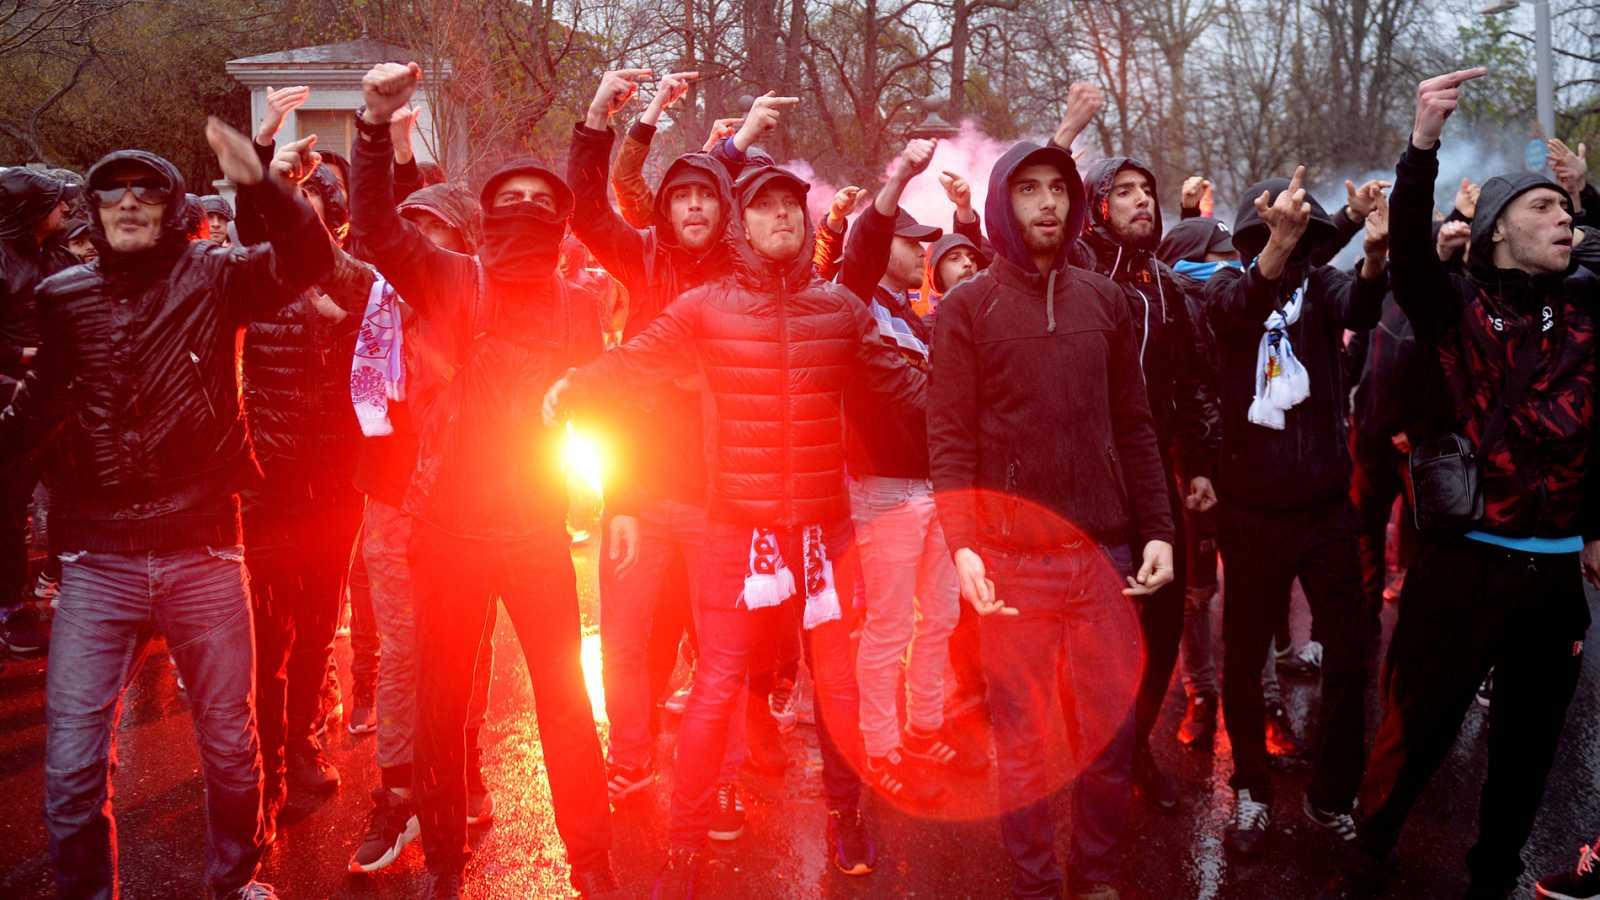 Los ultras del Marsella lograron introducir bengalas en el interior del estadio de San Mamés